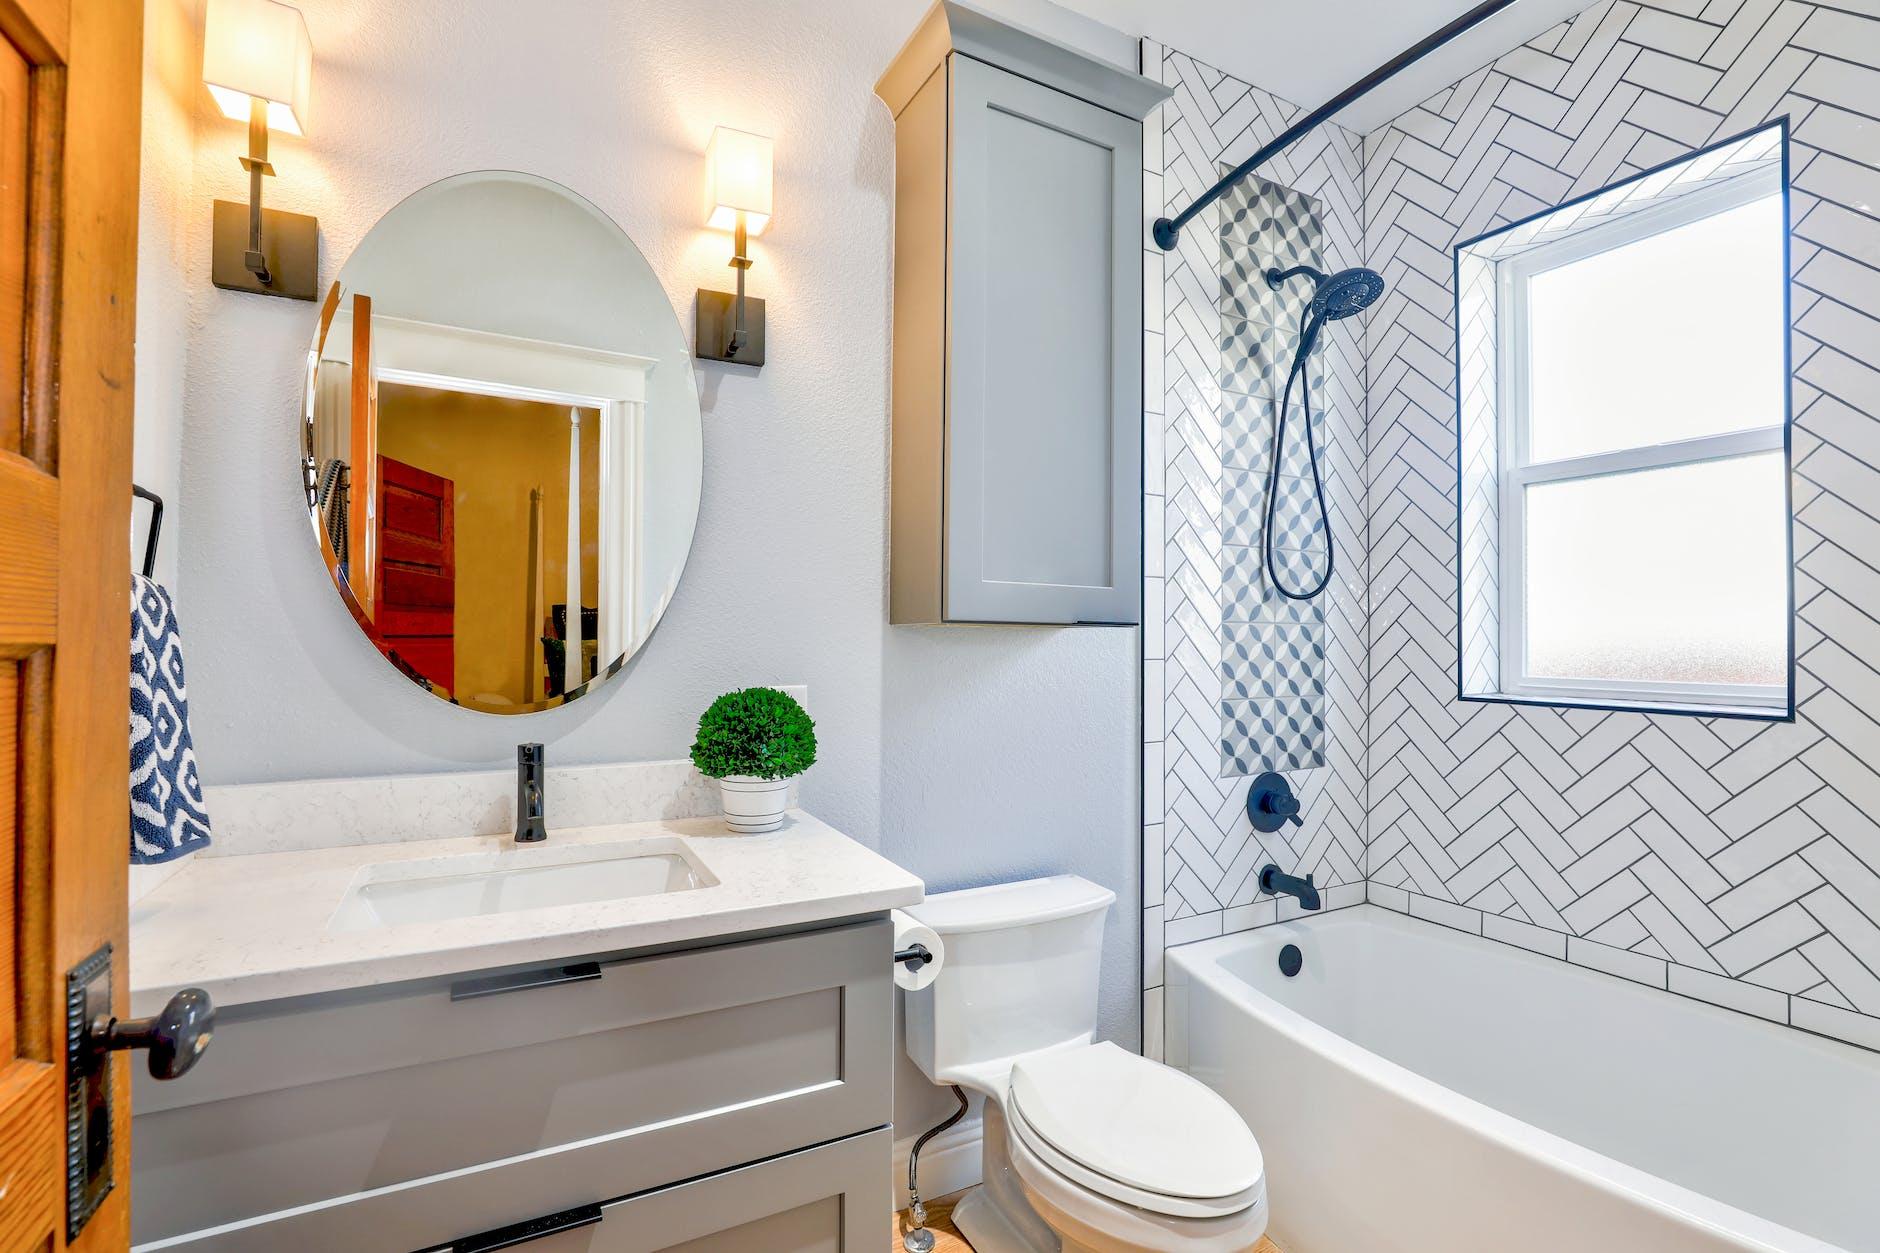 Posso Usar Forro De Gesso No Banheiro Guia Do Construtor